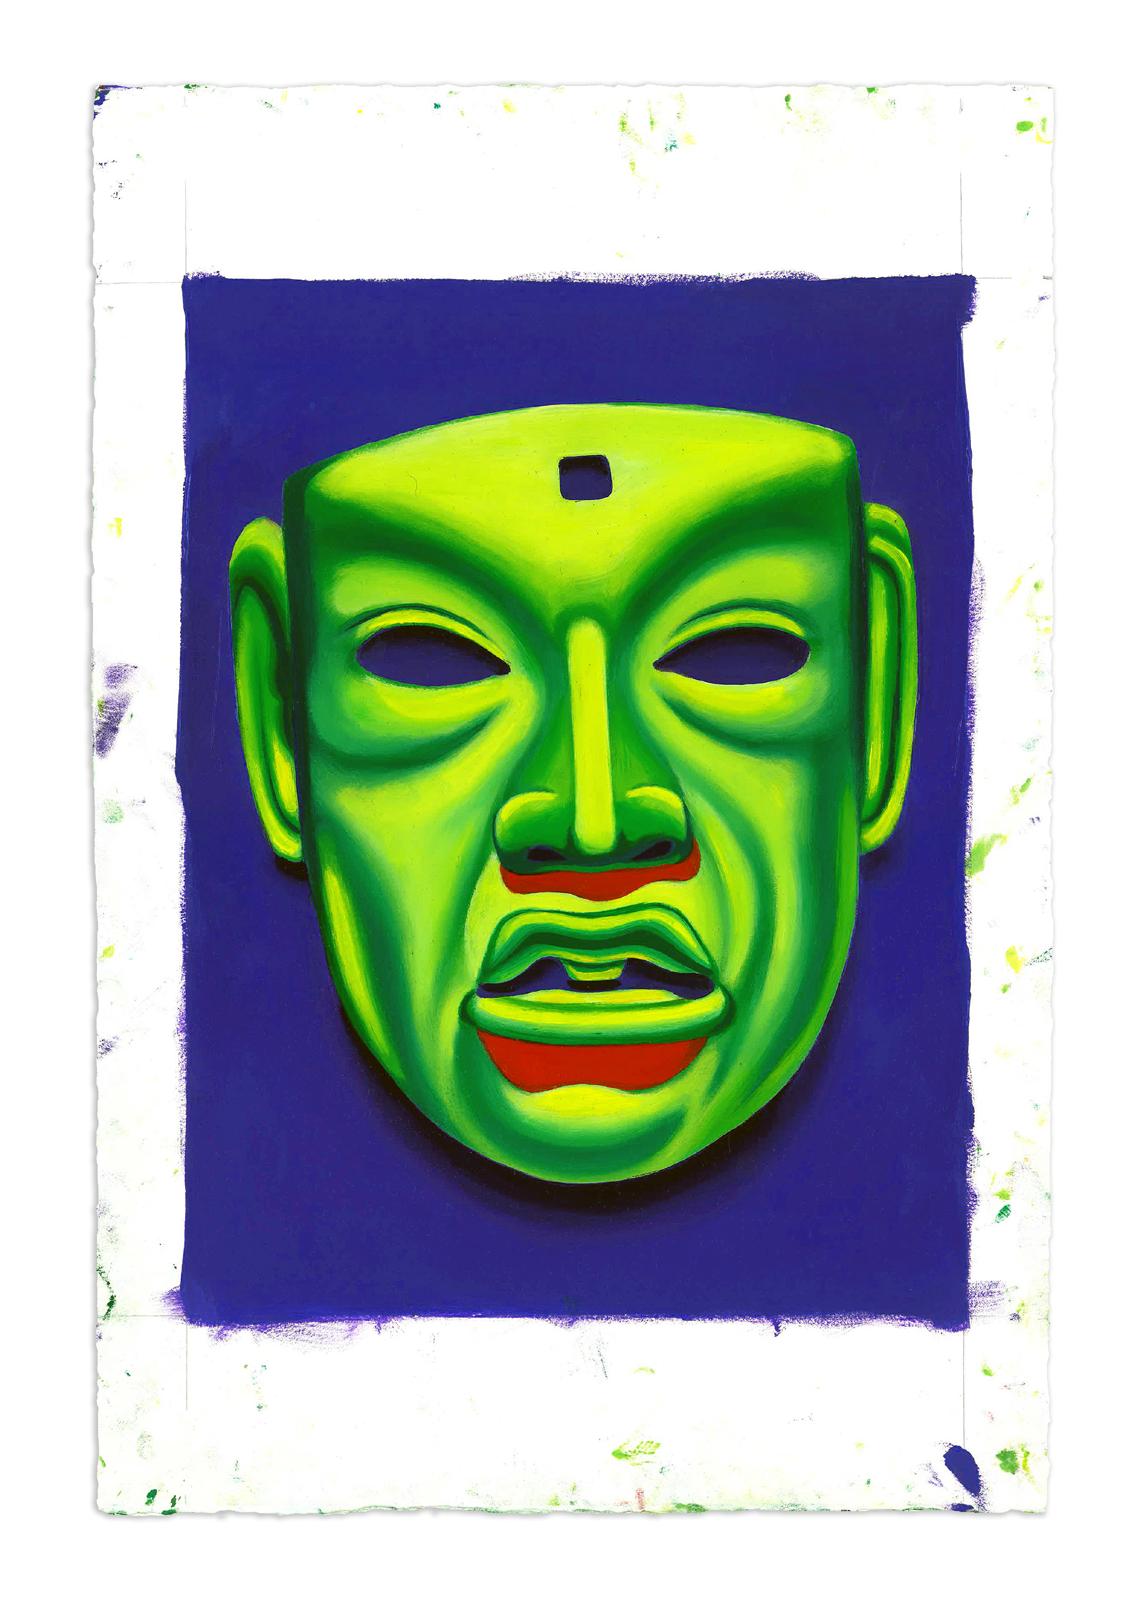 Jade Mask, Olmec - Oil at 12 x 16 in. on 22 x 15 in. BFK Rives